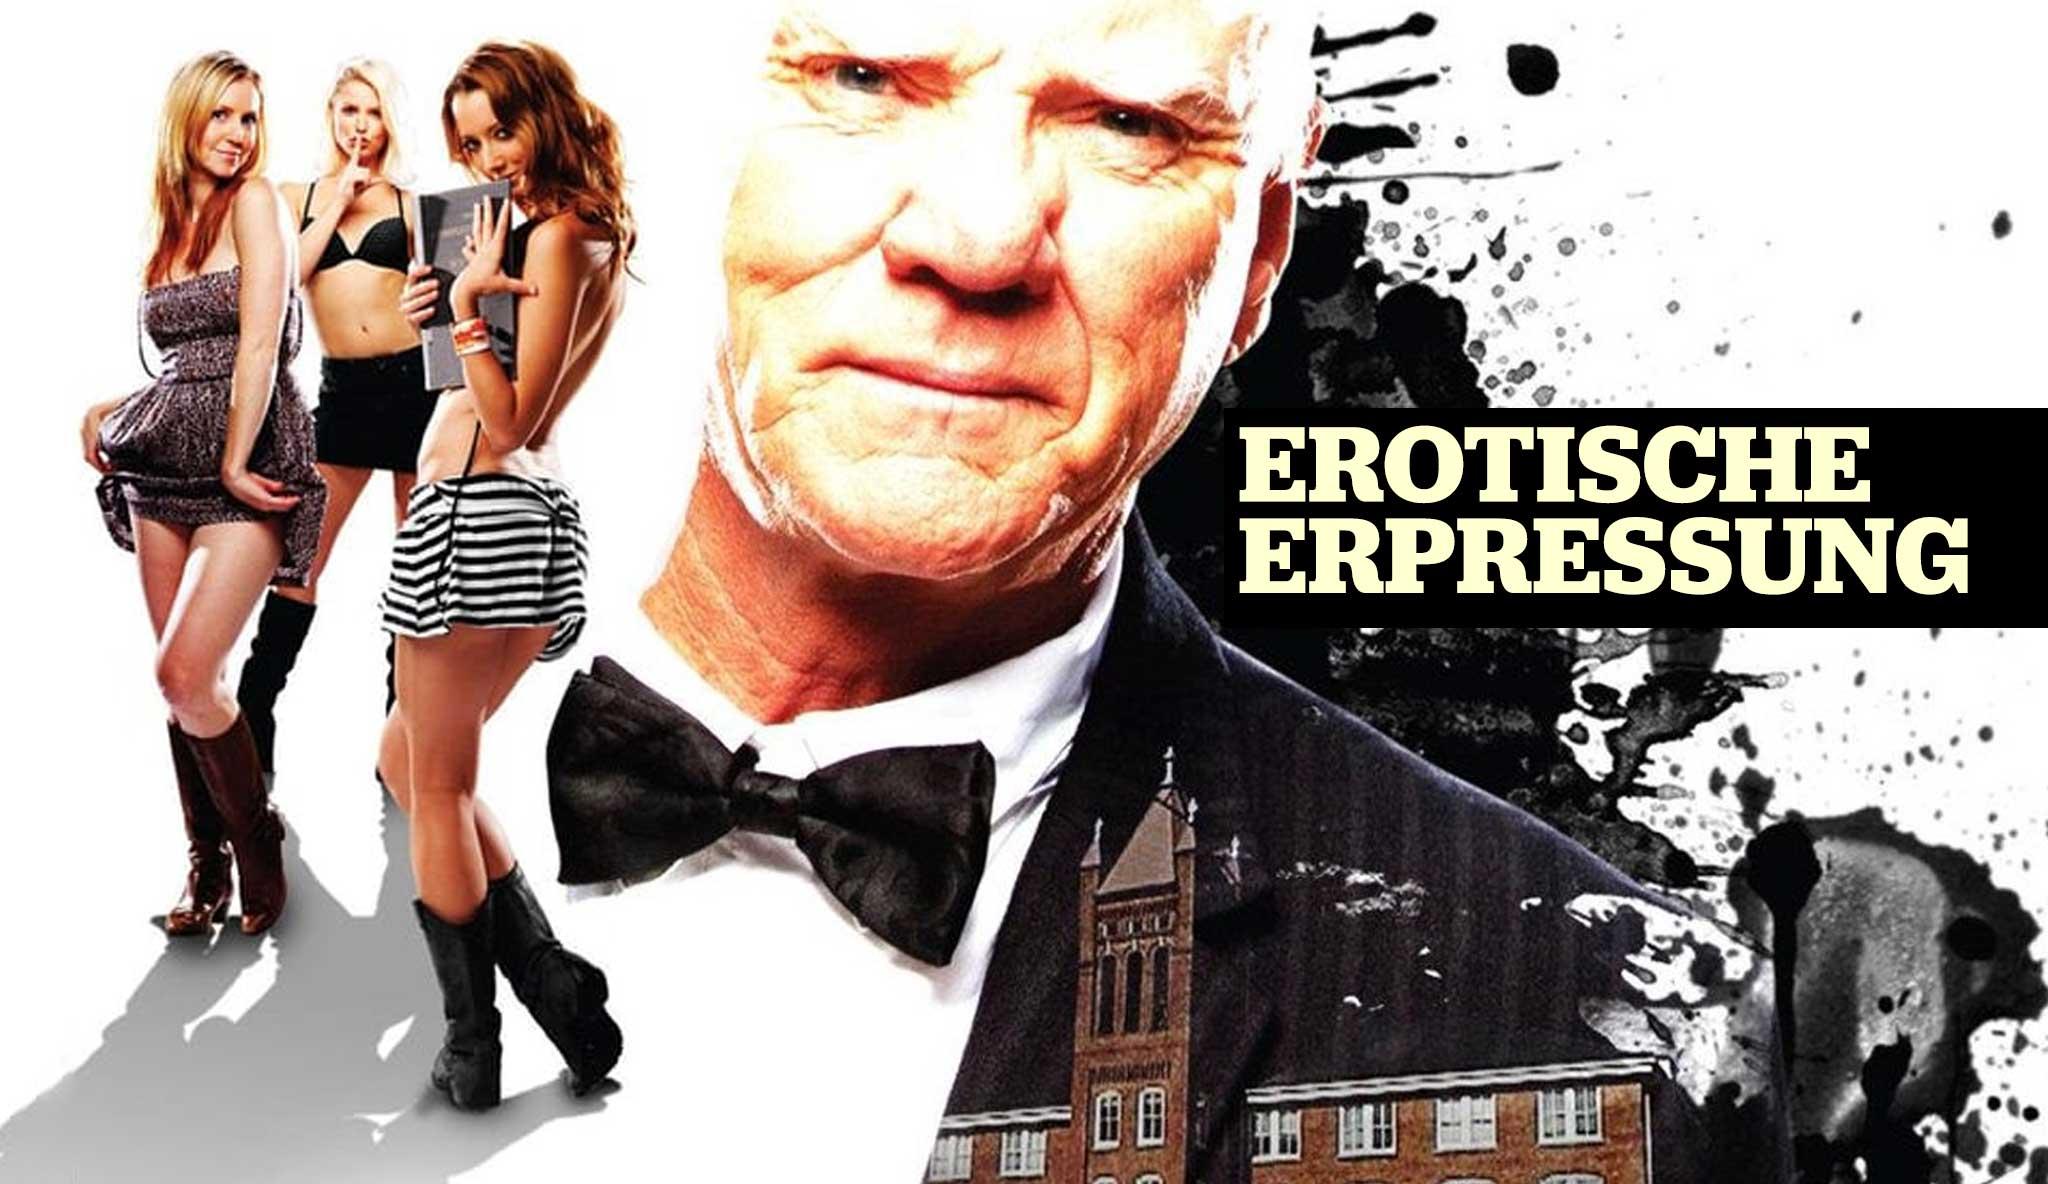 erotische-erpressung\header.jpg